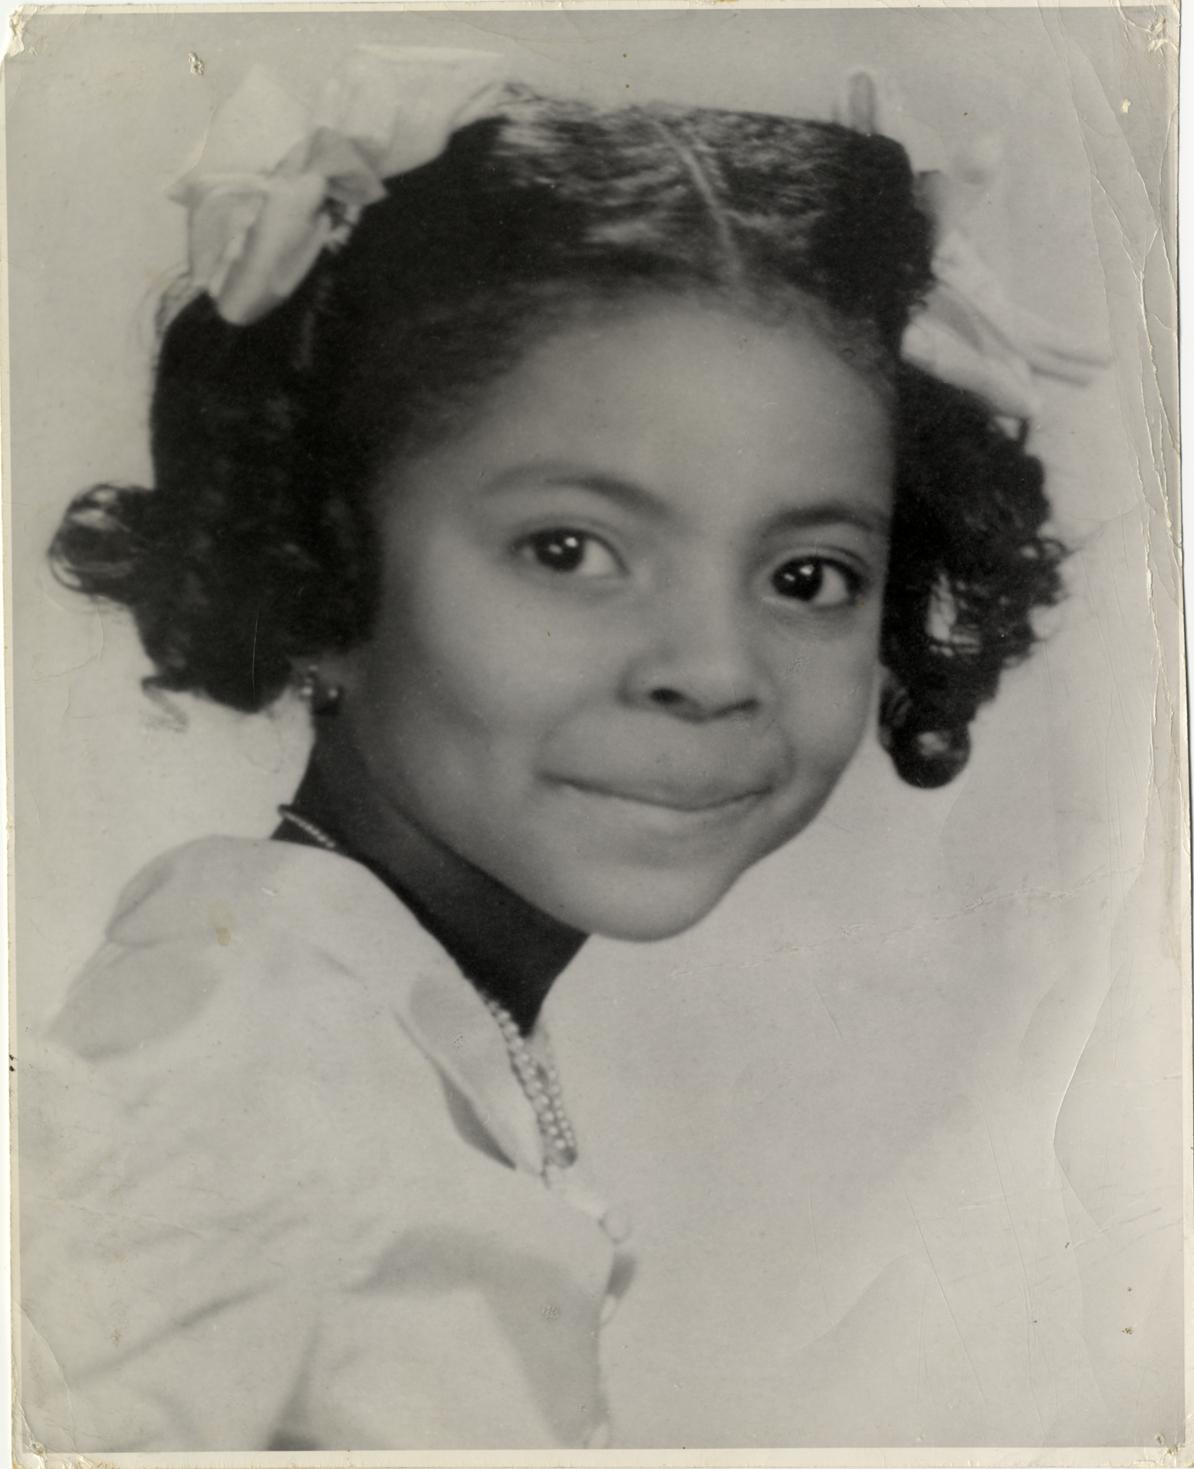 Jennifer Gimenez,Serena XXX image Maho Nonami,Ryza Cenon (b. 1987)